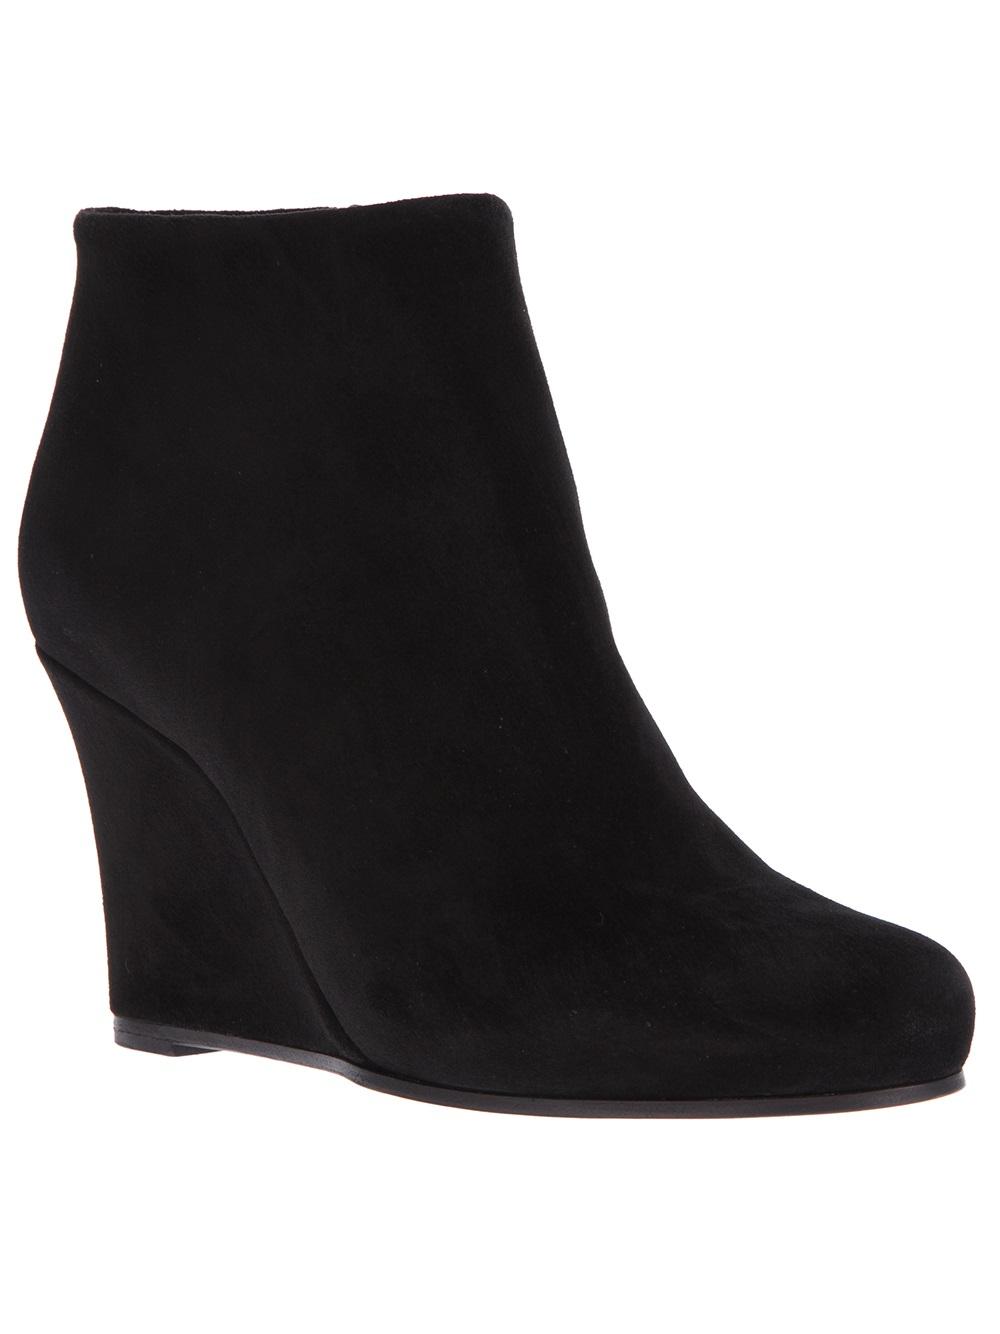 Jil sander Wedge Ankle Boot in Black | Lyst